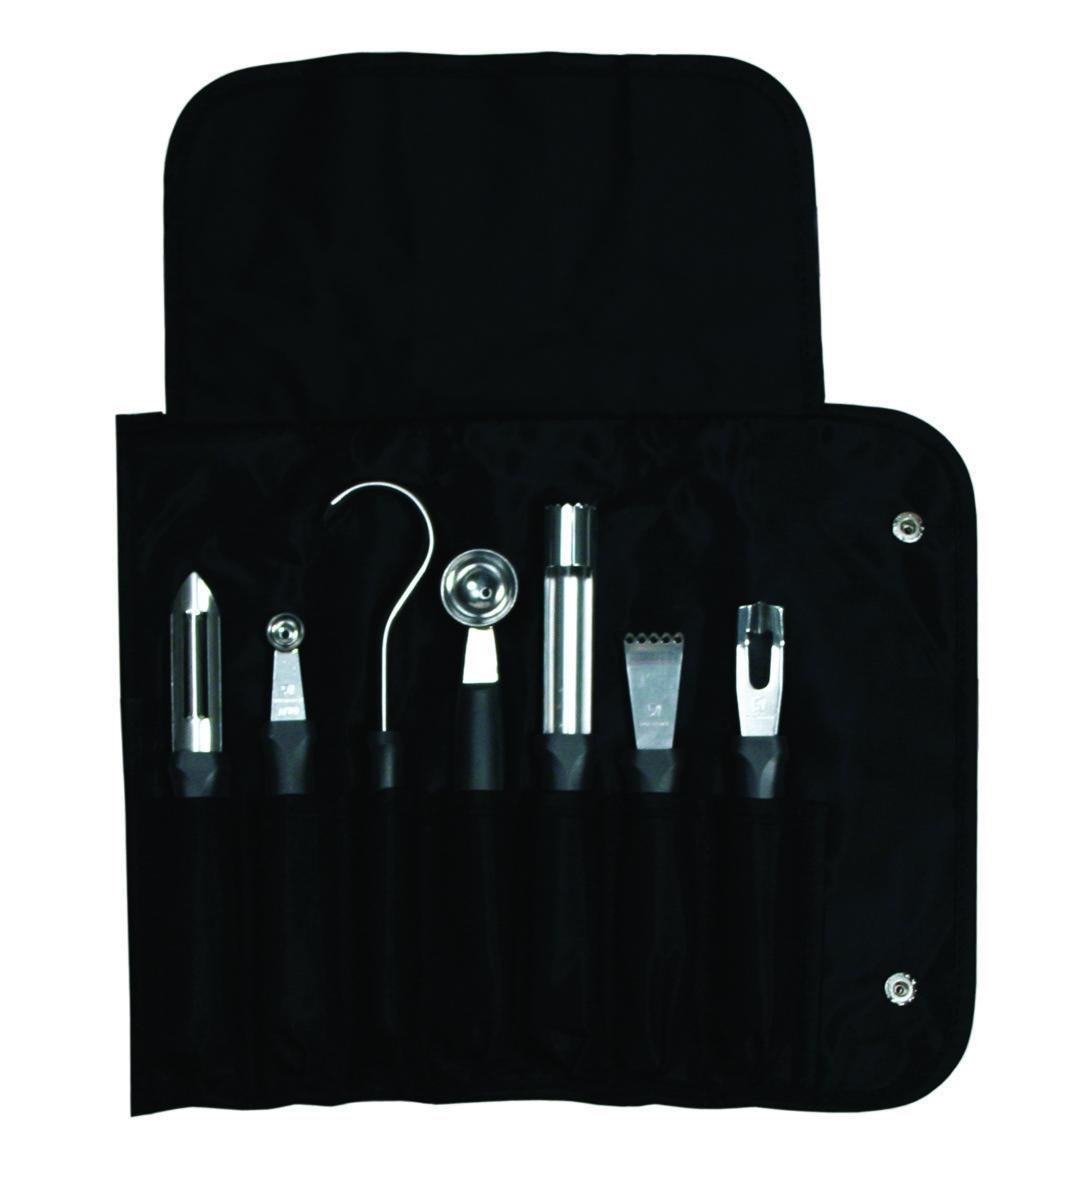 Dexter Russell 20207 garnishing tools